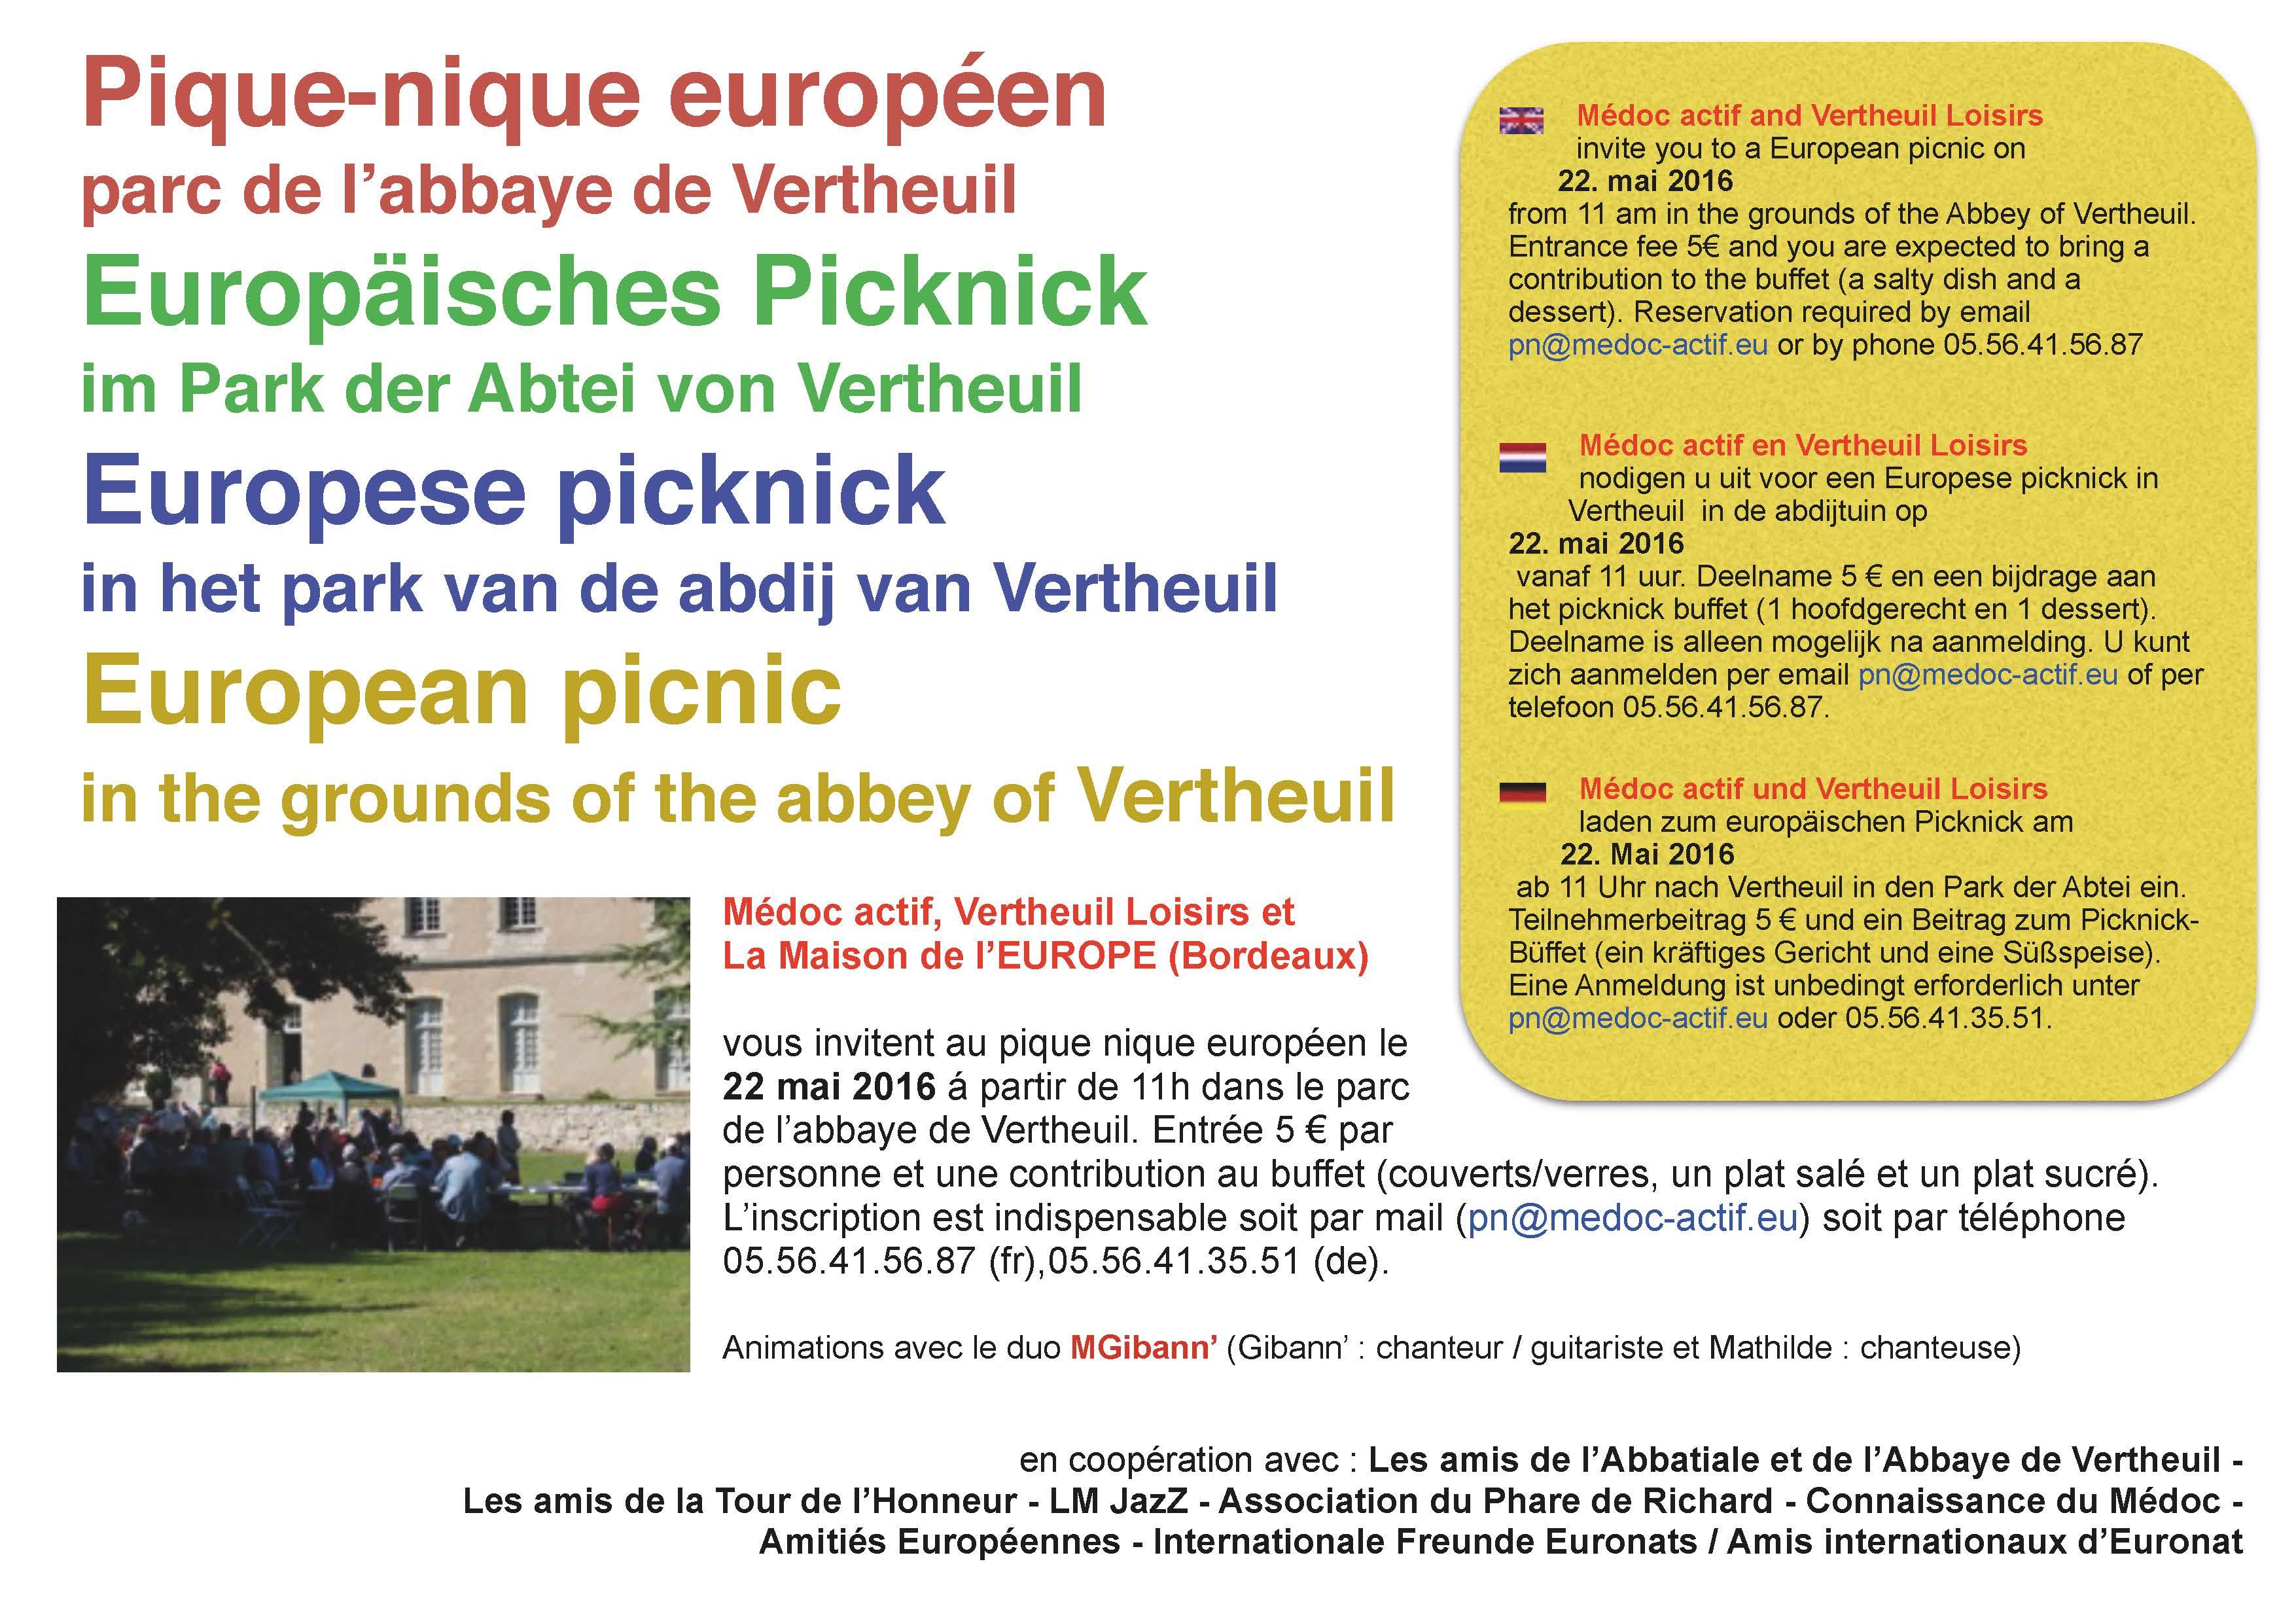 Pique nique europ en 2016 mairie de vertheuil - Lieux de pique nique en ile de france ...